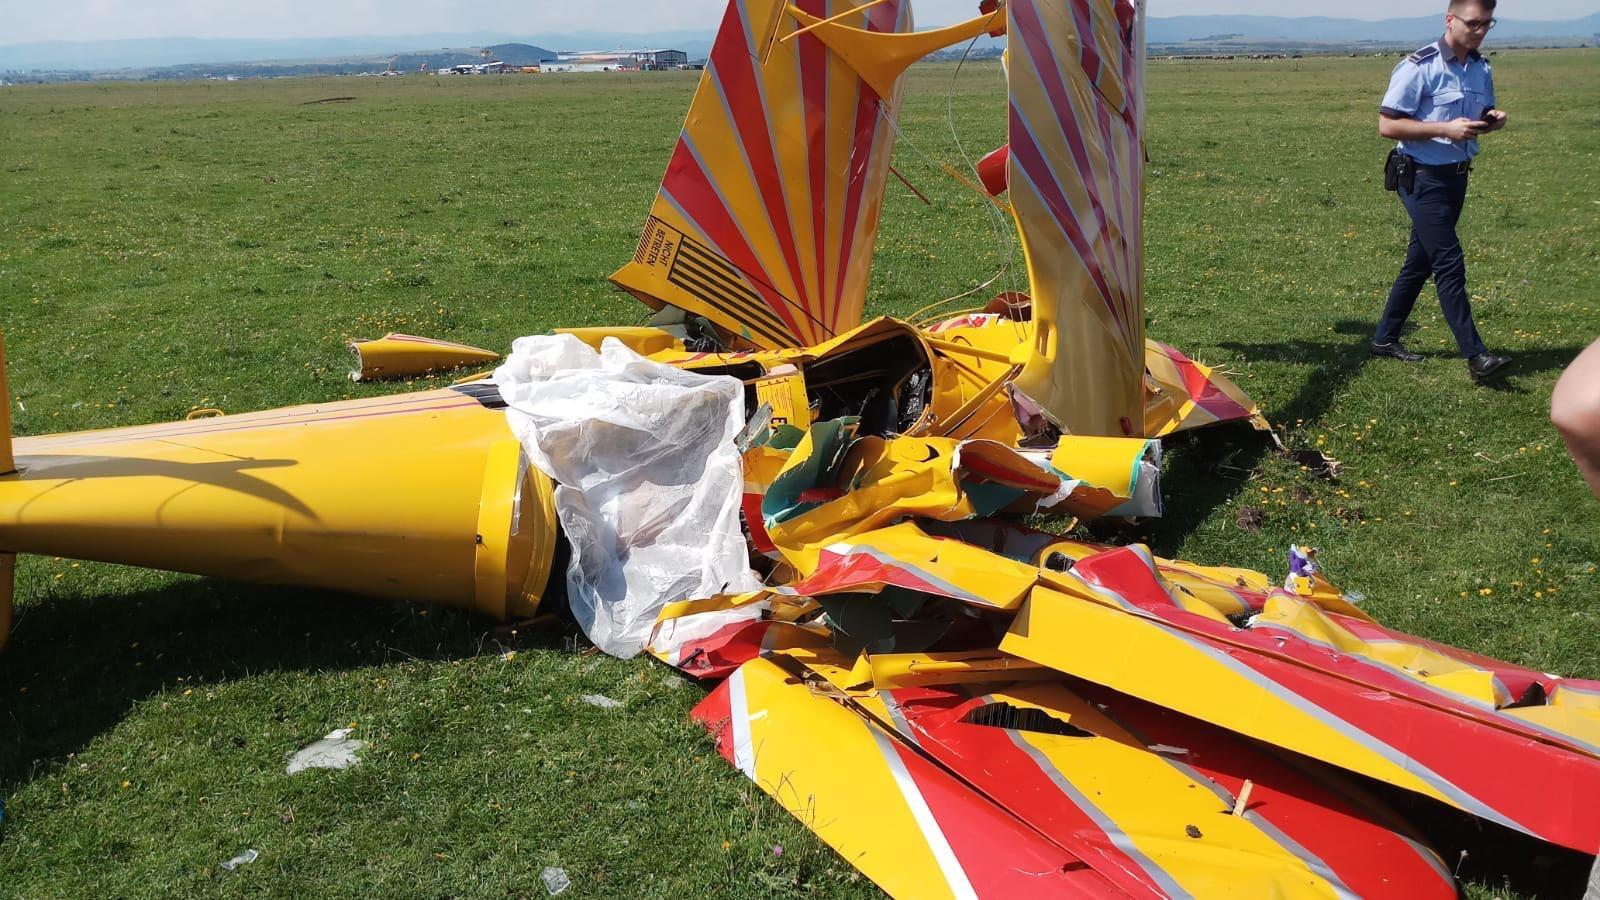 Starea pilotului rănit în accidentul aviatic din judeţul Suceava este uşor ameliorată